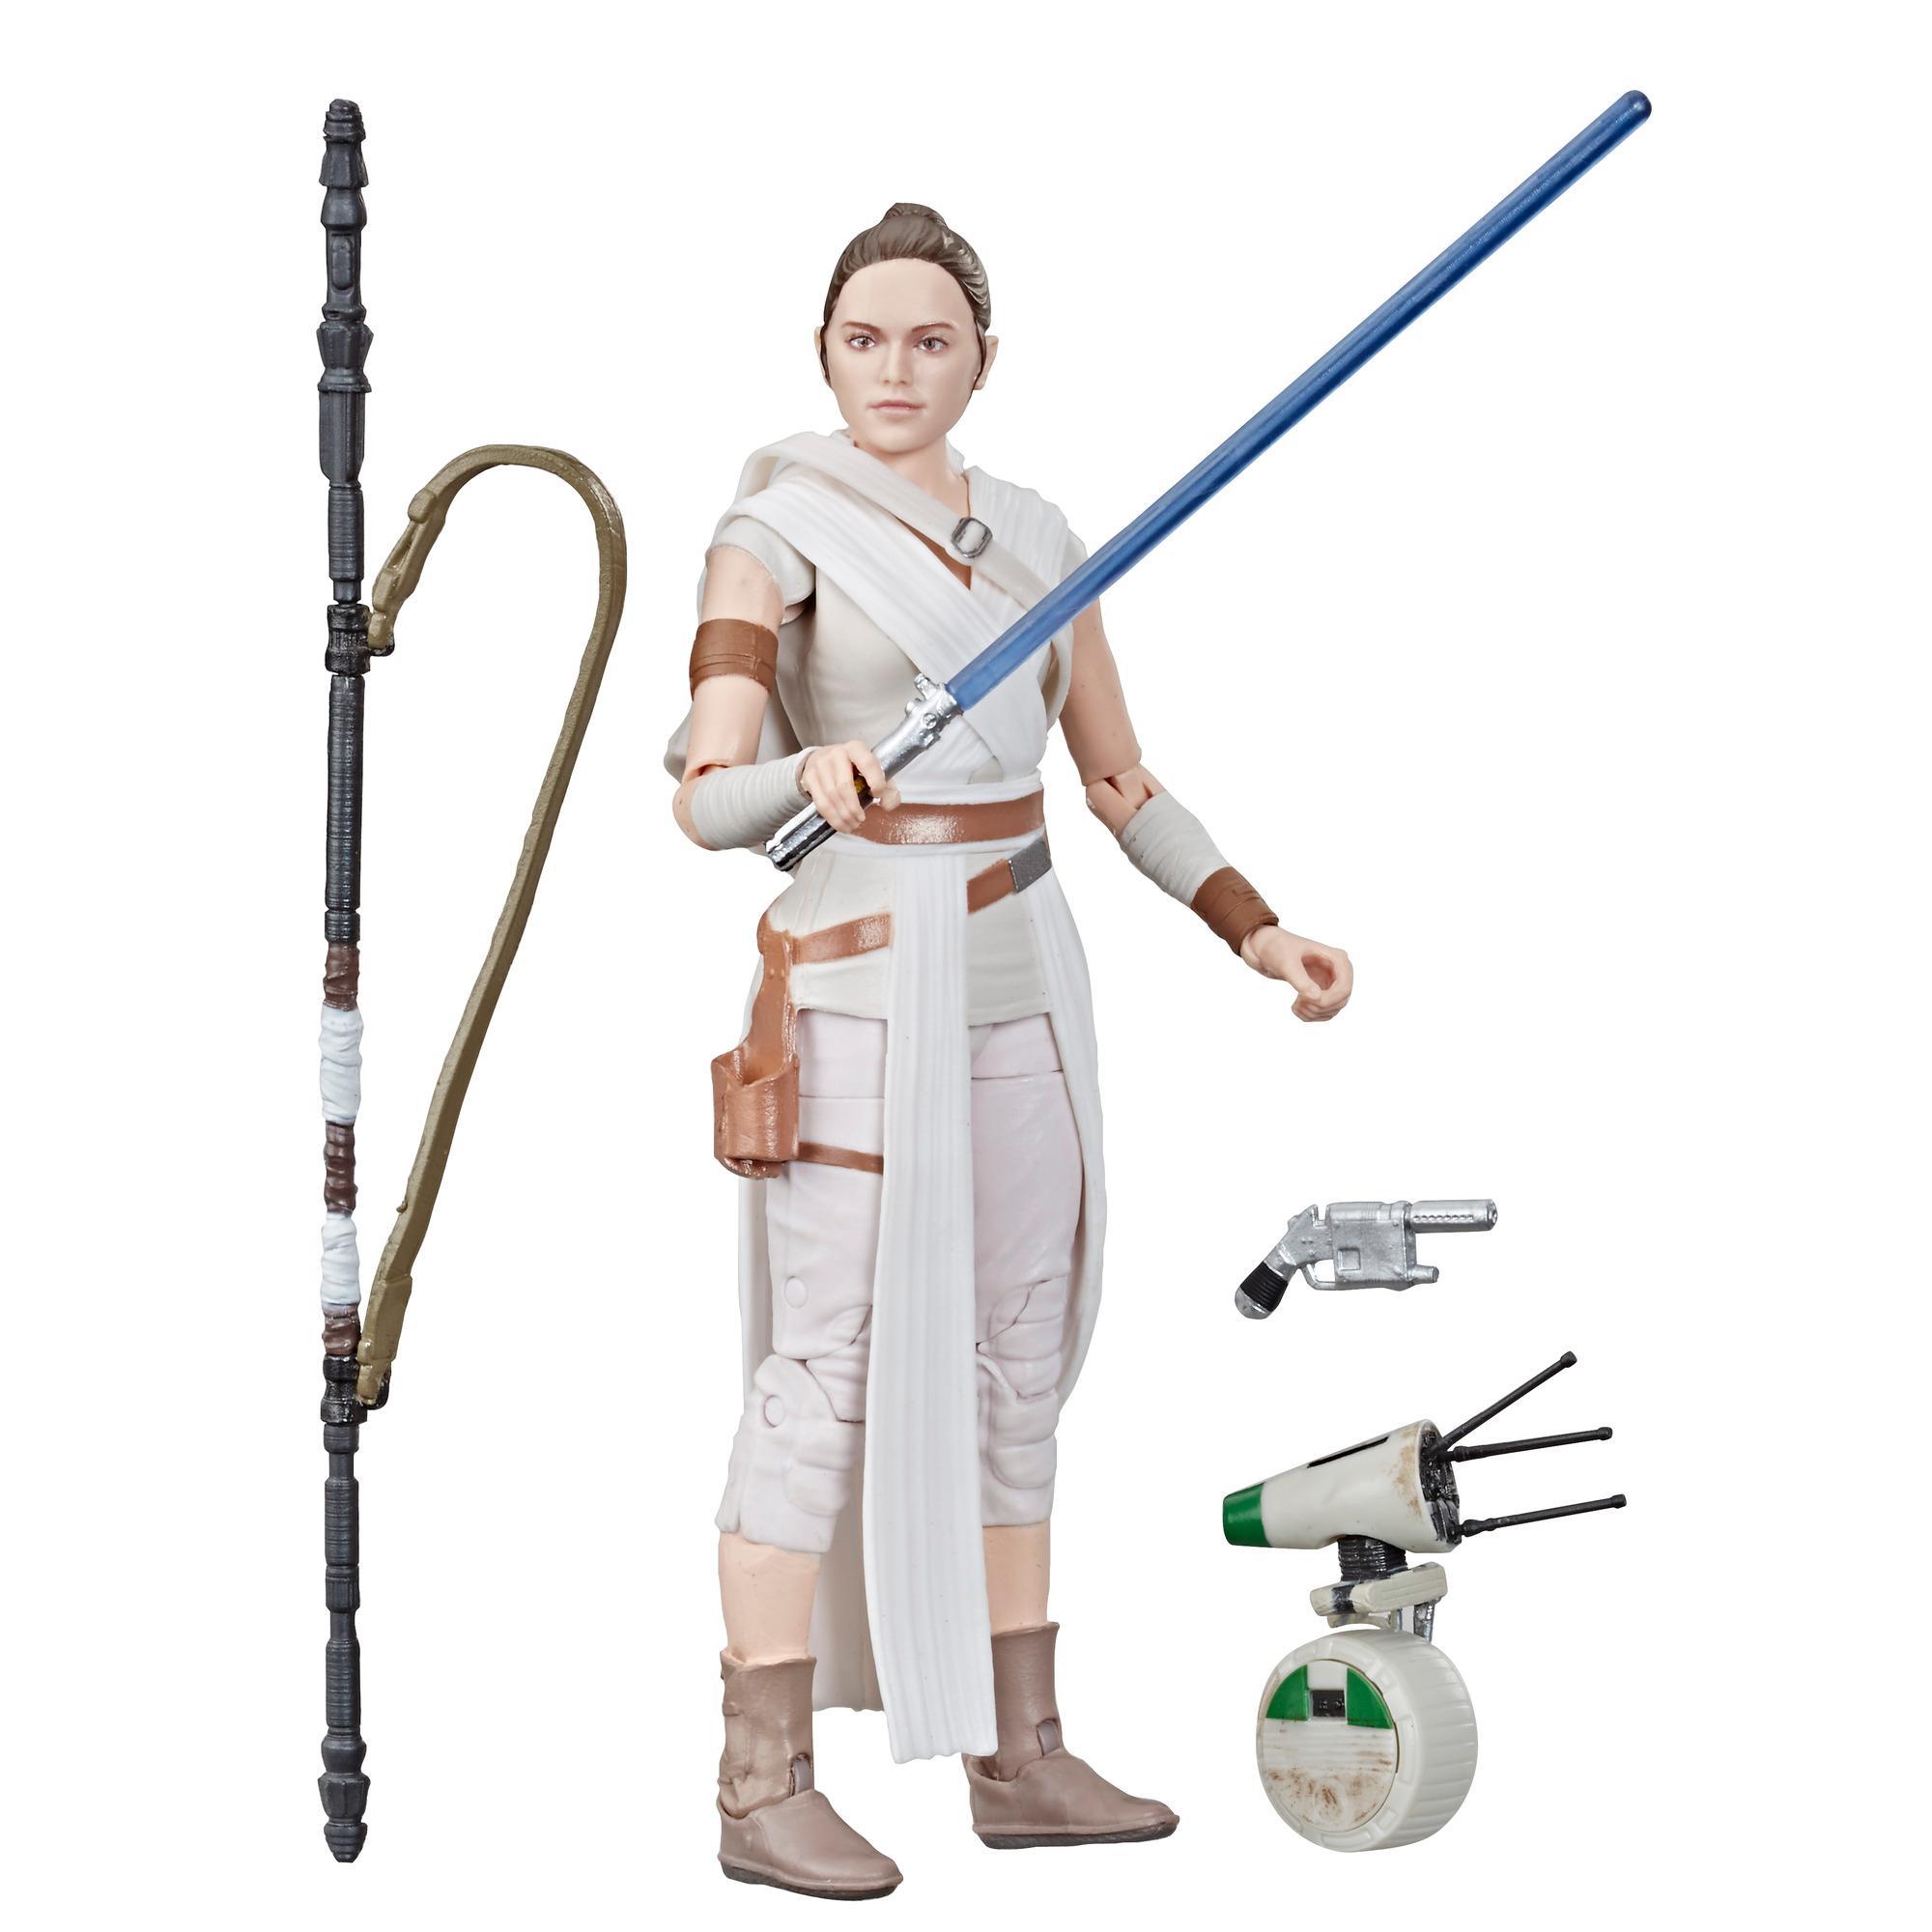 Star Wars The Black Series, figurines articulées Rey et D-O de 15 cm, jouets pour enfants, à partir de 4 ans